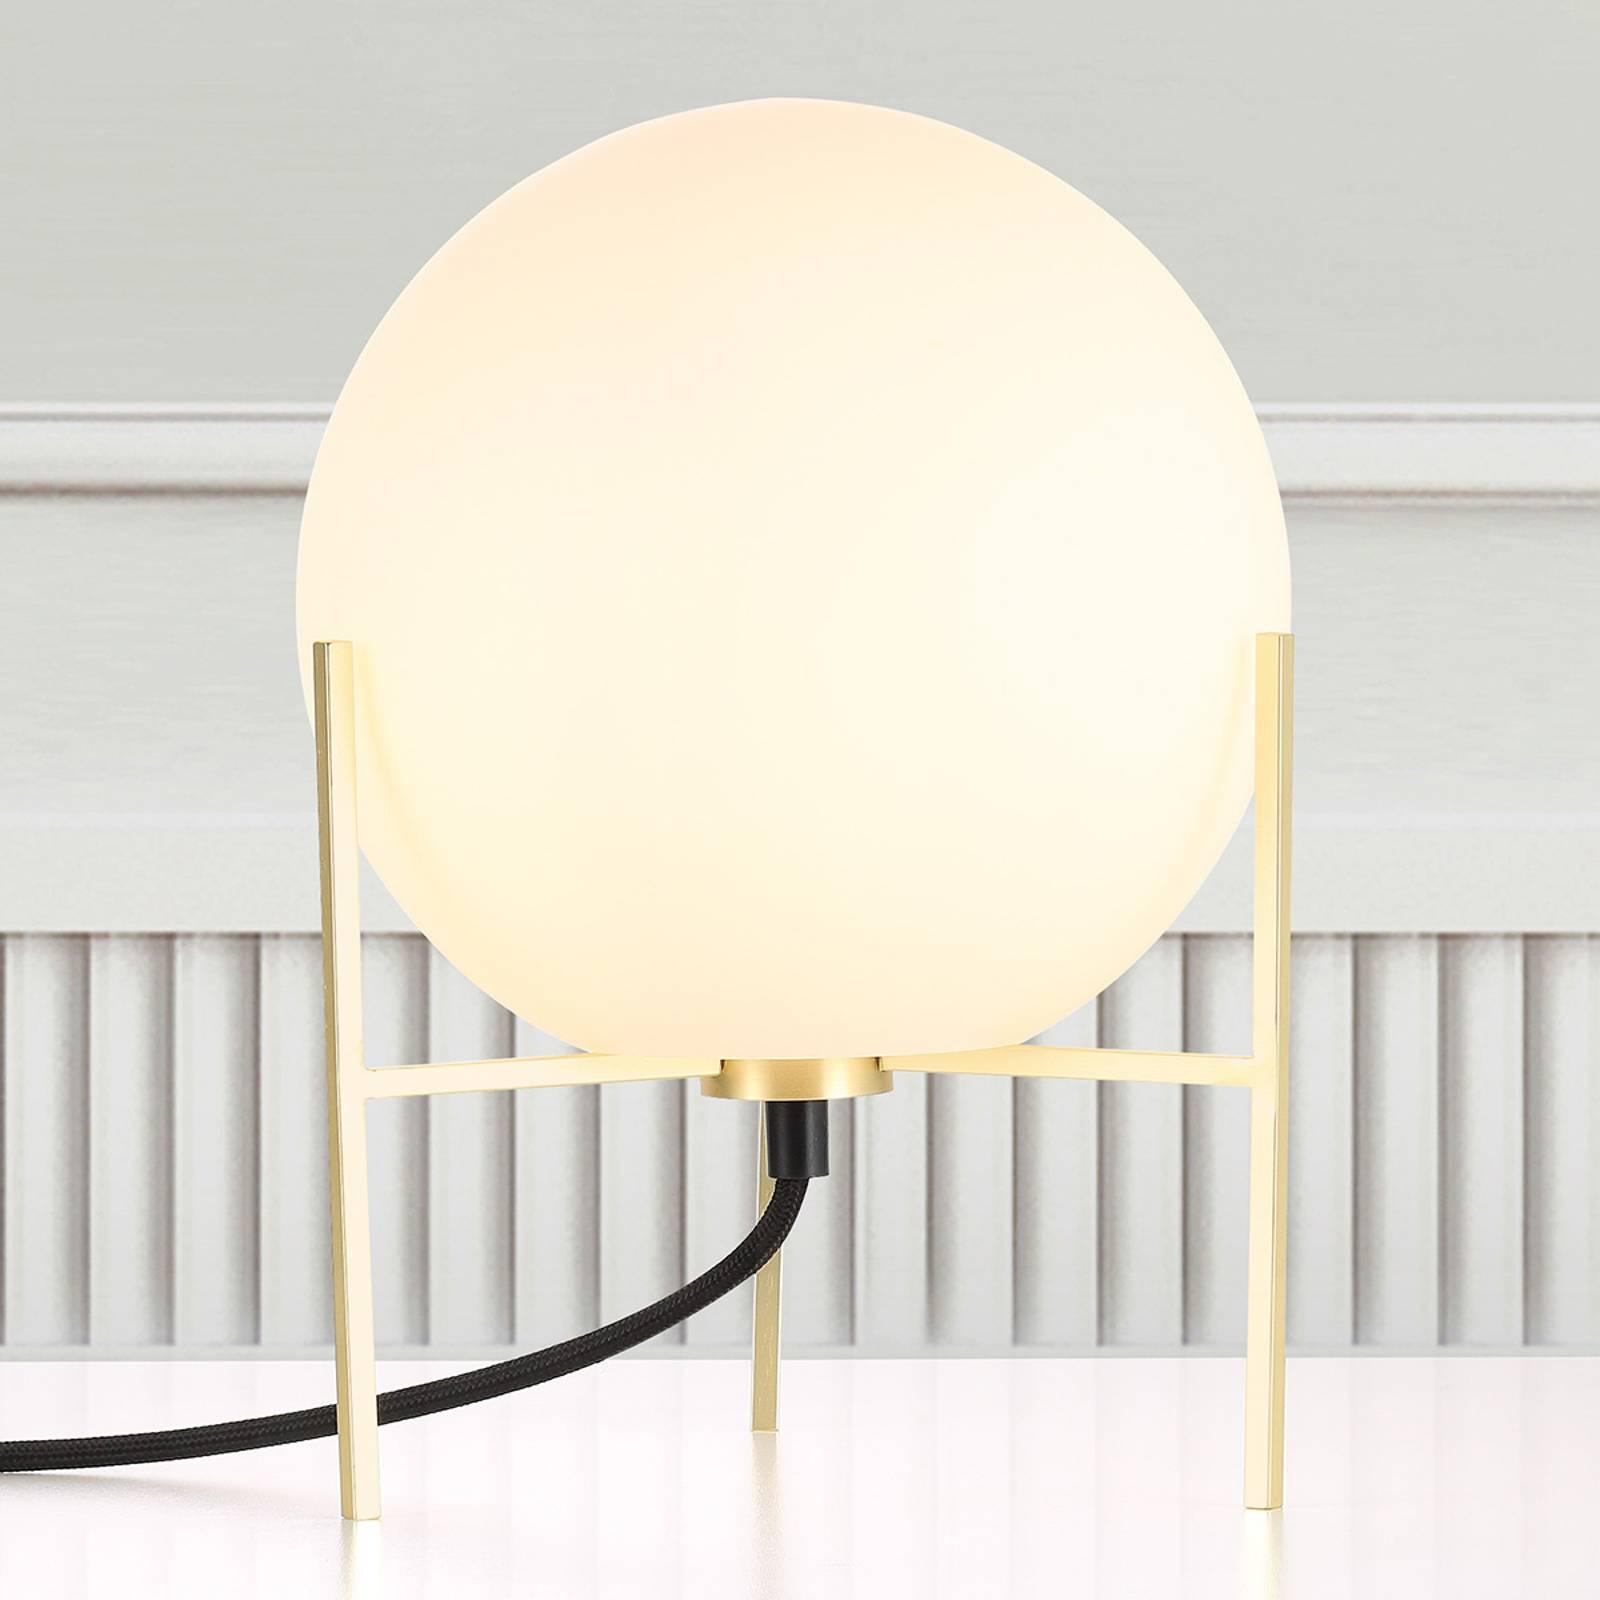 Billede af Alton bordlampe med hvid glasskærm